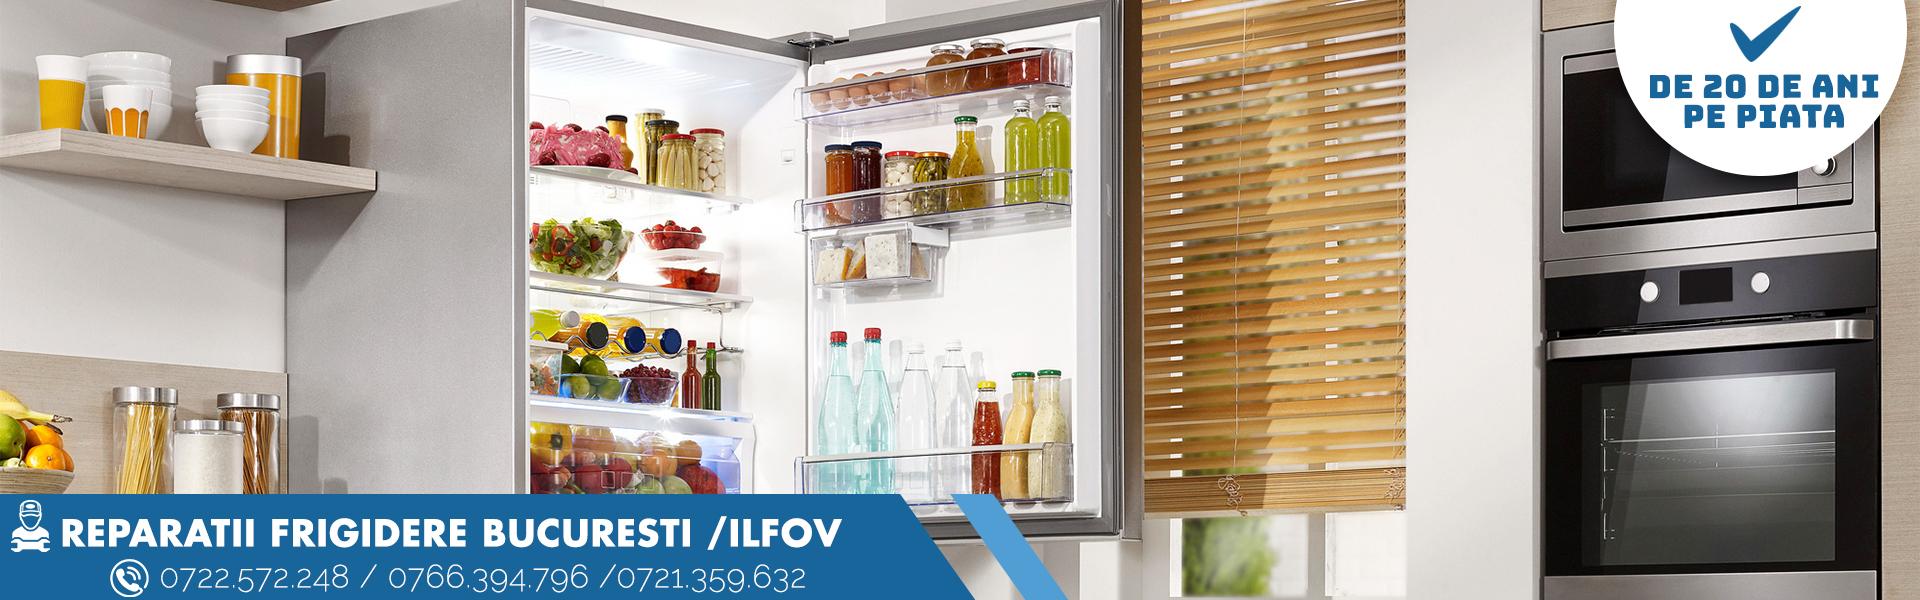 Reparatii frigidere Bucuresti si Ilfov